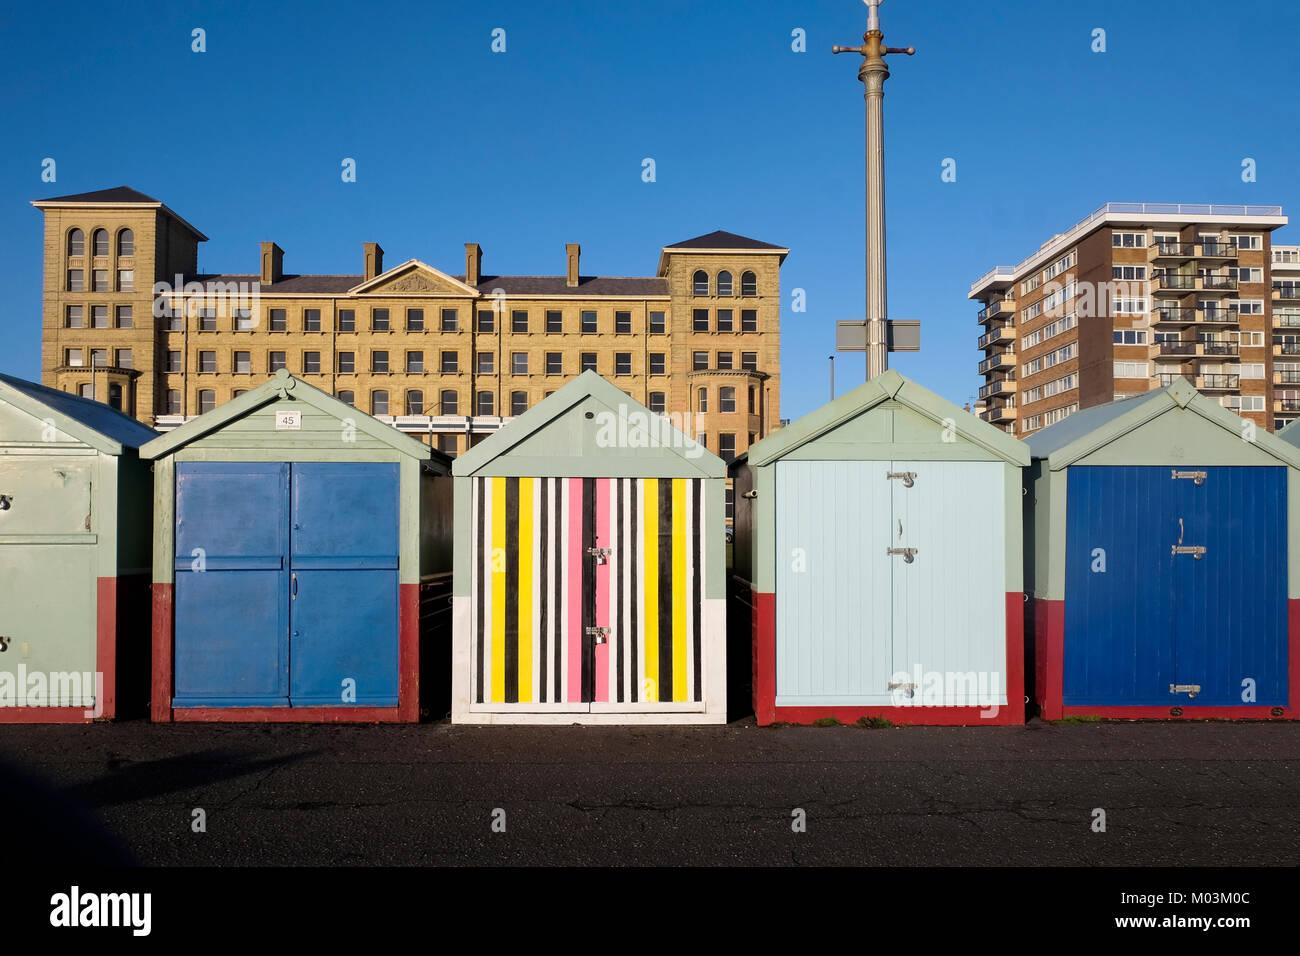 Brighton Seafront 5 Badekabinen, vier mit blauen und grünen Türen das Fünfte in der Mitte hat einen bunten Tür gelb, Stockfoto